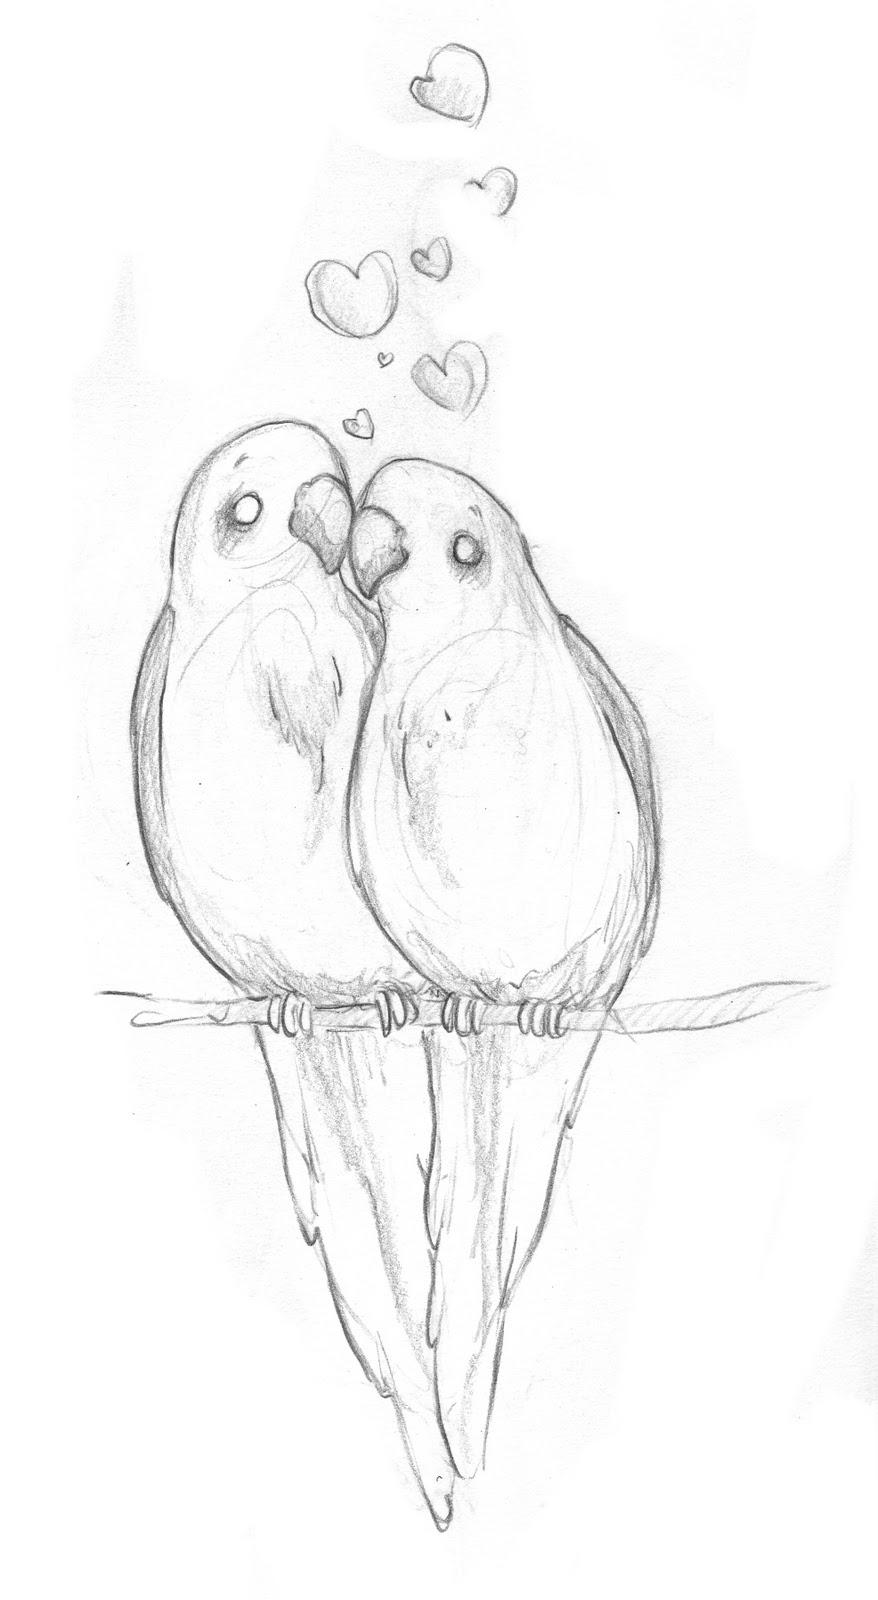 10 Year Old Girls Swimwear · Beautiful Nature Pencil Drawings ...Dove Bird Drawing Tattoo